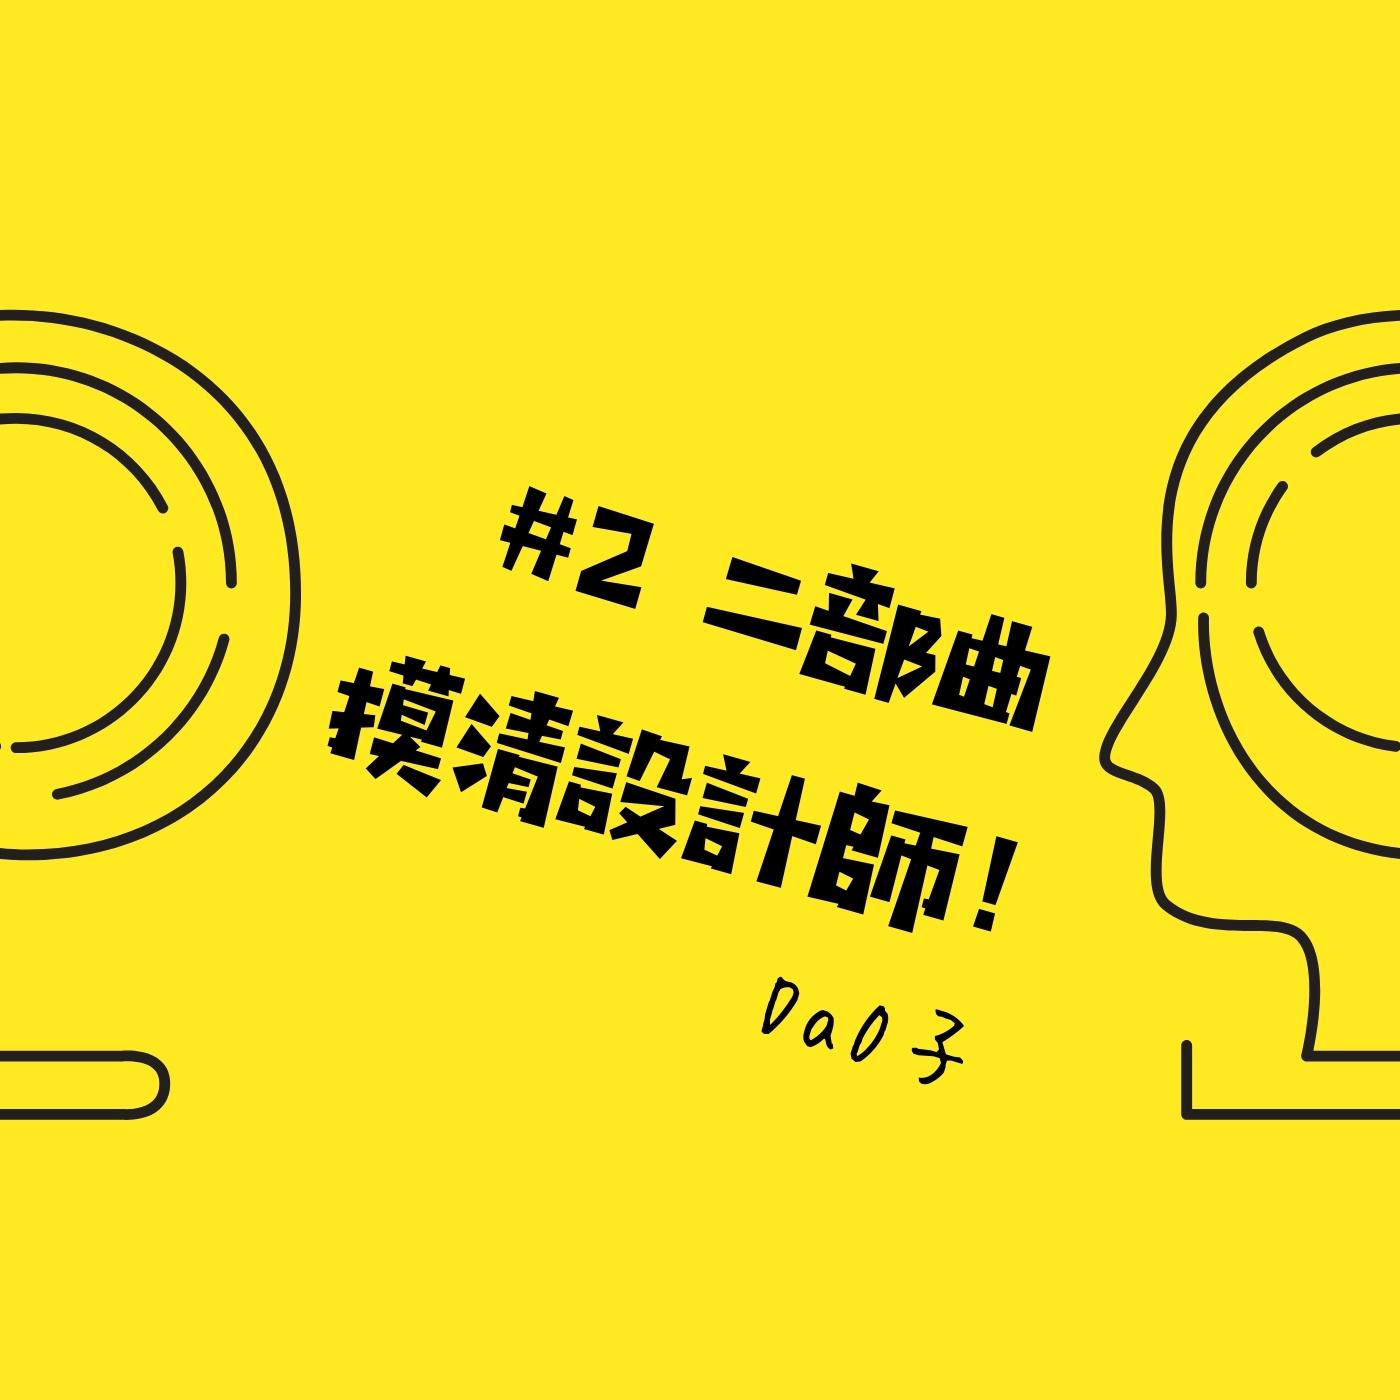 EP2.盲尋設計師第二部曲:把自己交出去前,先測測設計師的功力!